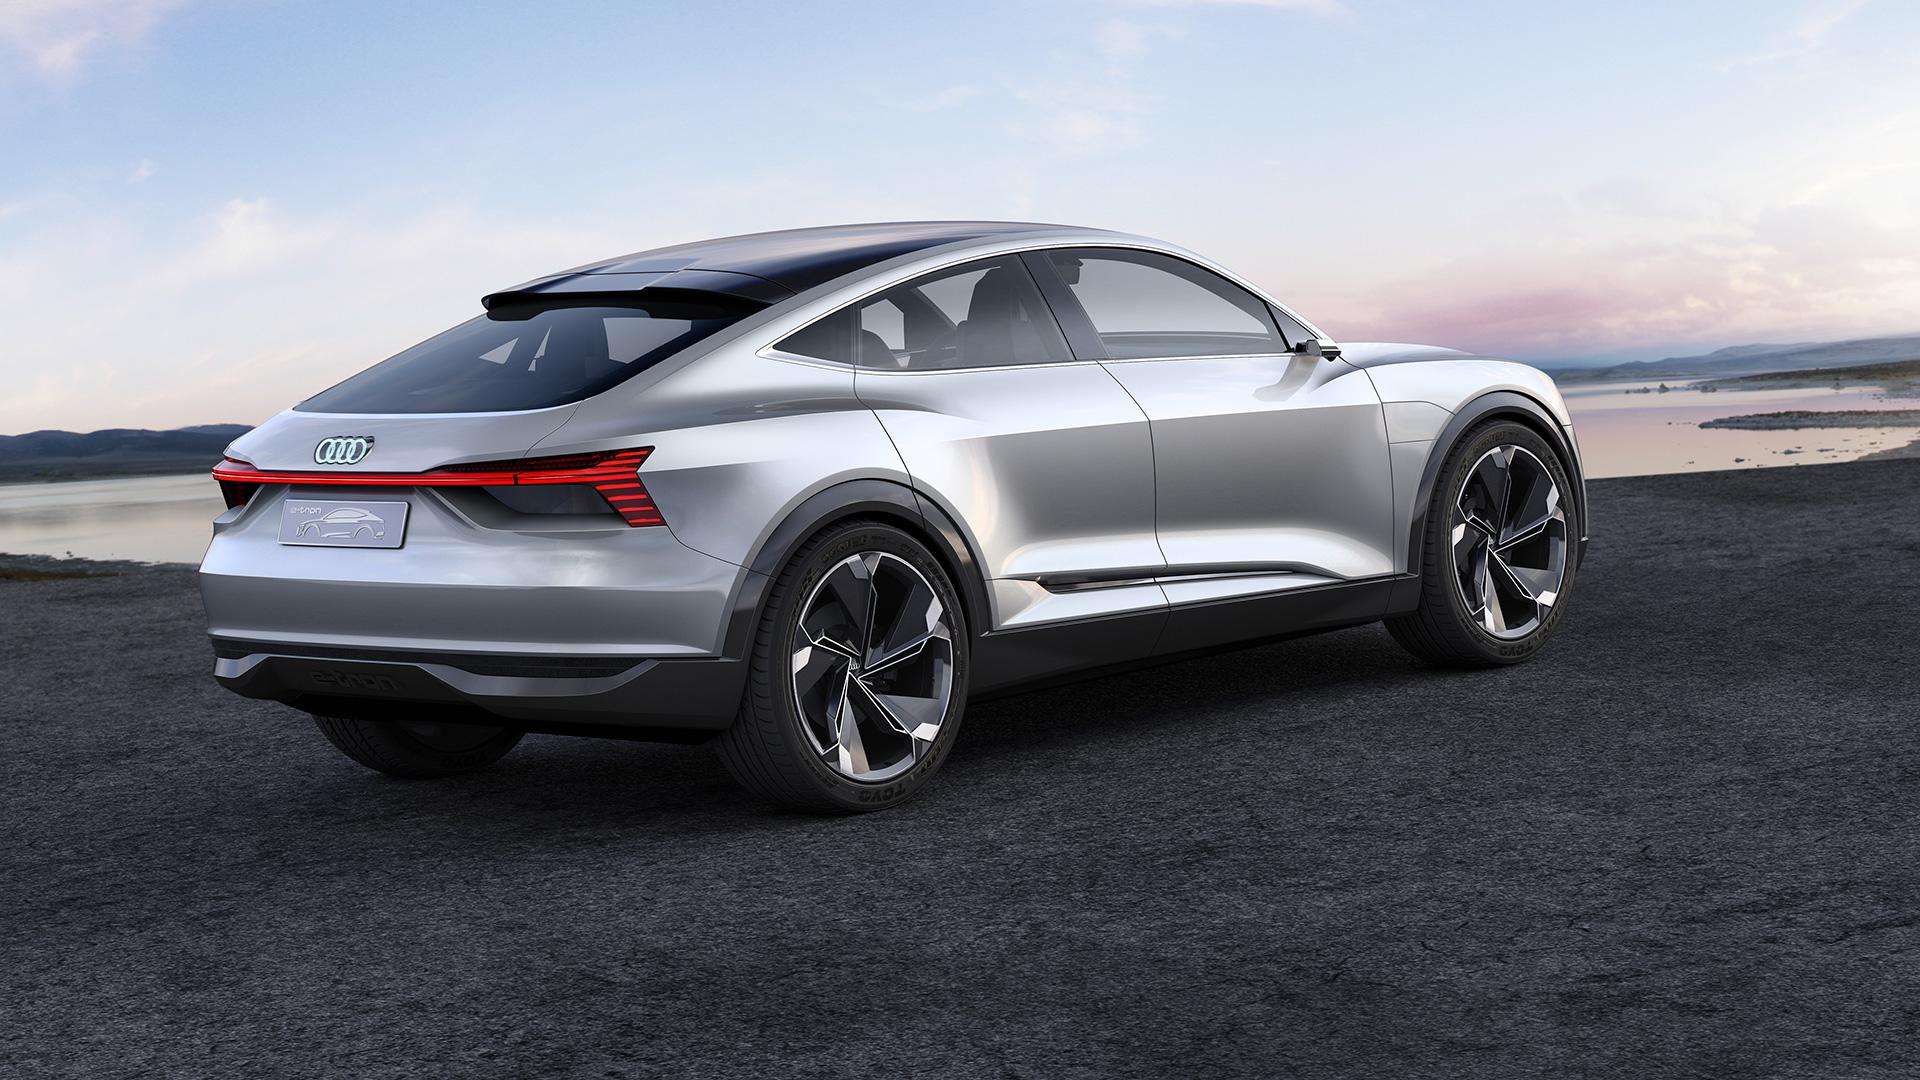 Выпуск нового электрического Audi e-tron откладывается до 2019 года 2